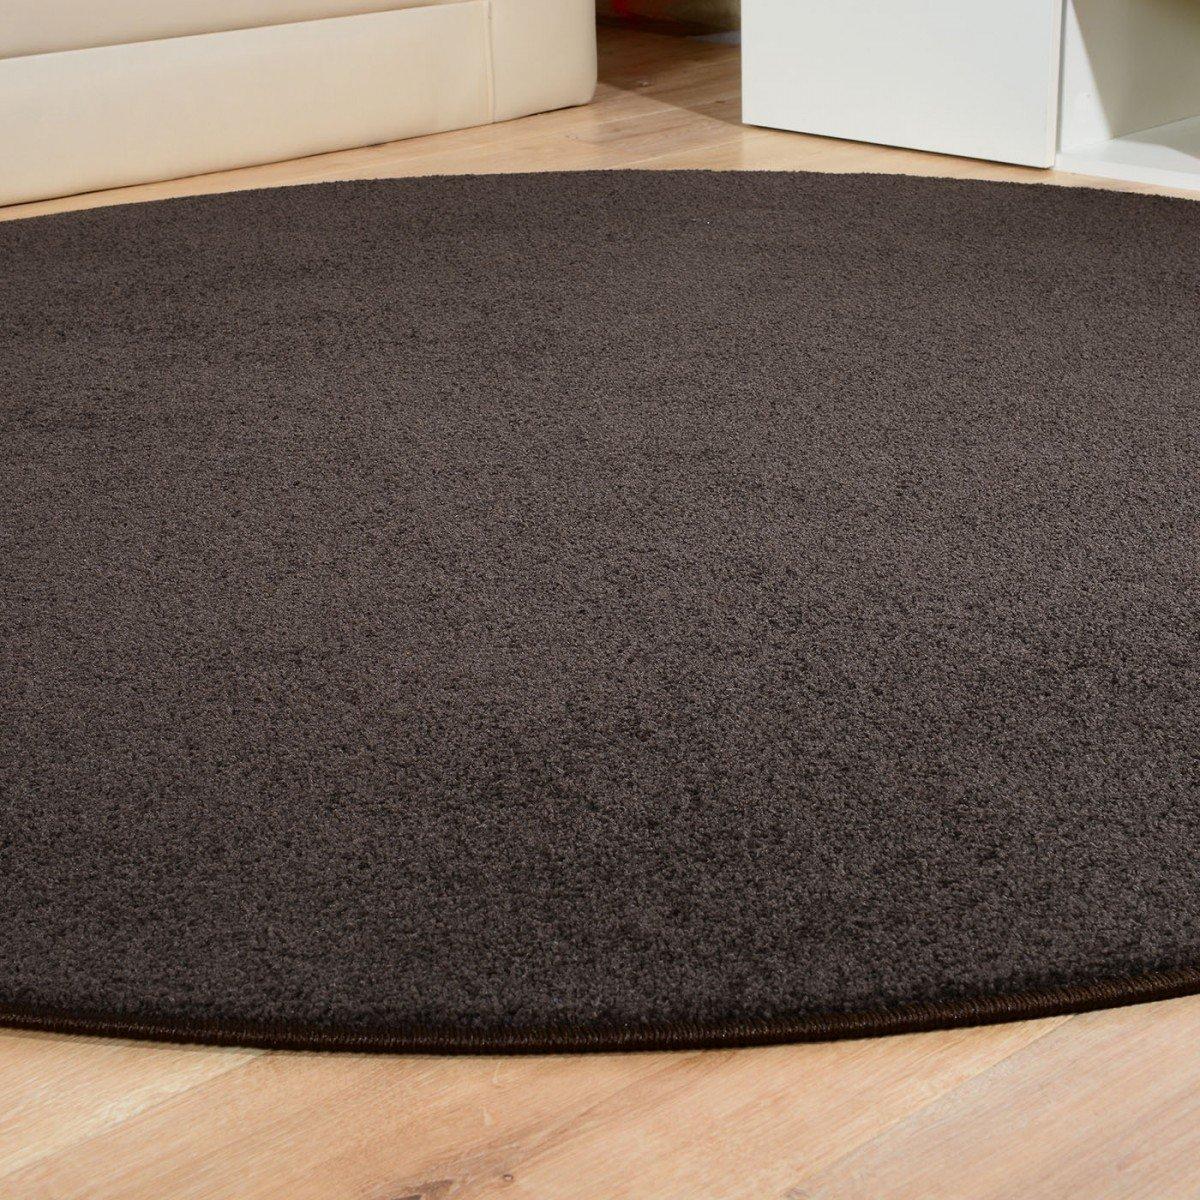 Havatex Teppich Kräusel Velour Burbon rund - - - 16 moderne sowie klassische Farben   schadstoffgeprüft pflegeleicht & robust   ideal für Wohnzimmer, Farbe Rot, Größe 180 cm rund B00FQ10TPE Teppiche 755f6e